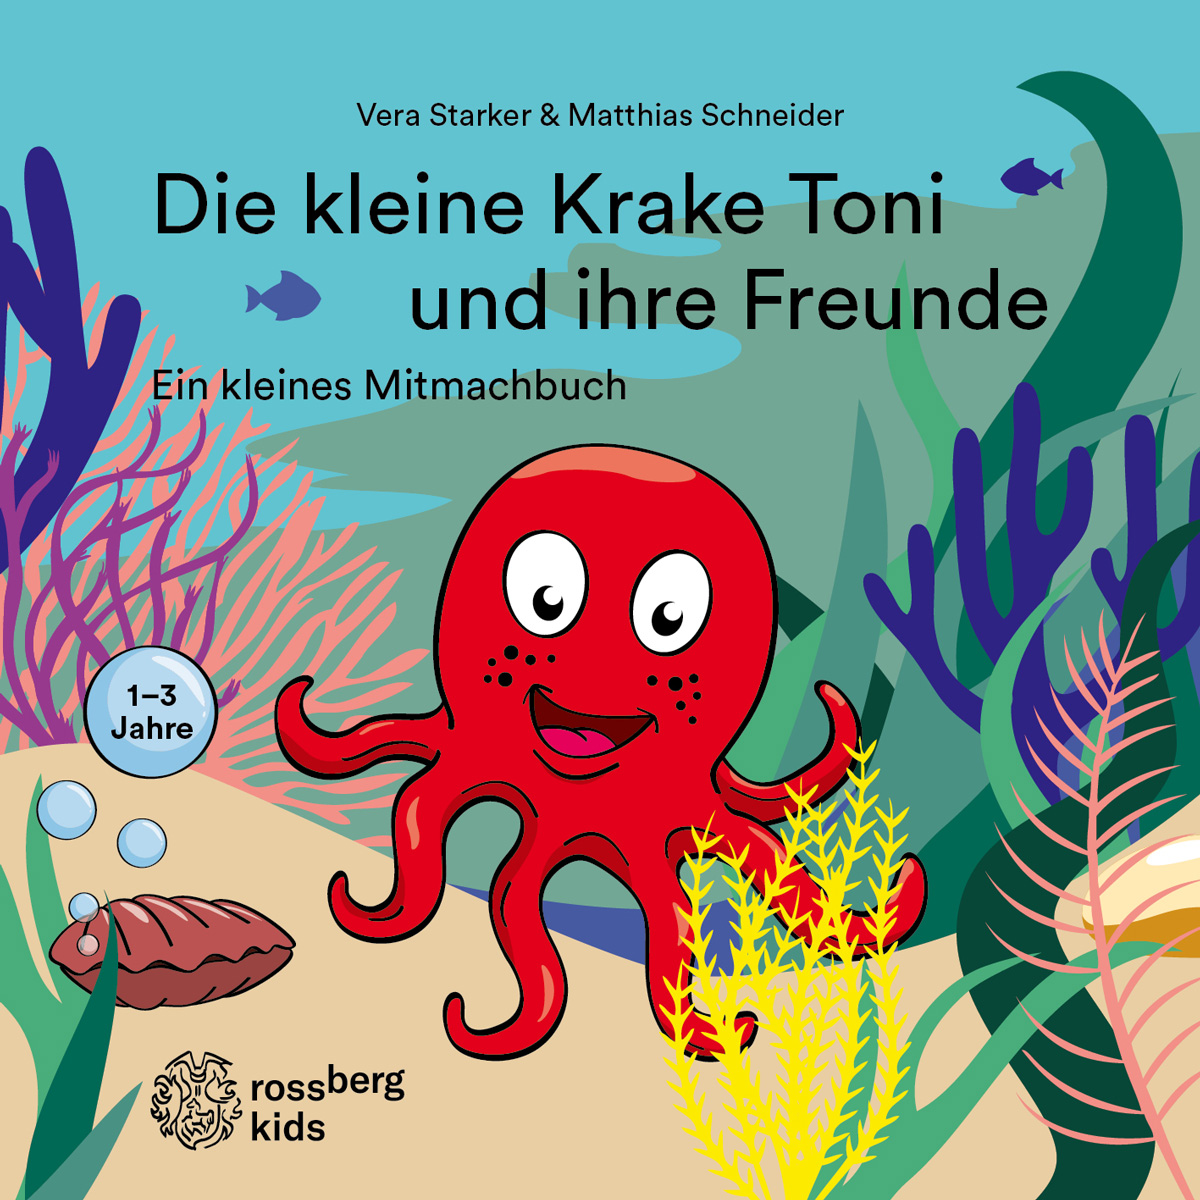 Die Kleine Krake Toni und ihre Freunde. Rossberg kids in der RBV Verlag GmbH